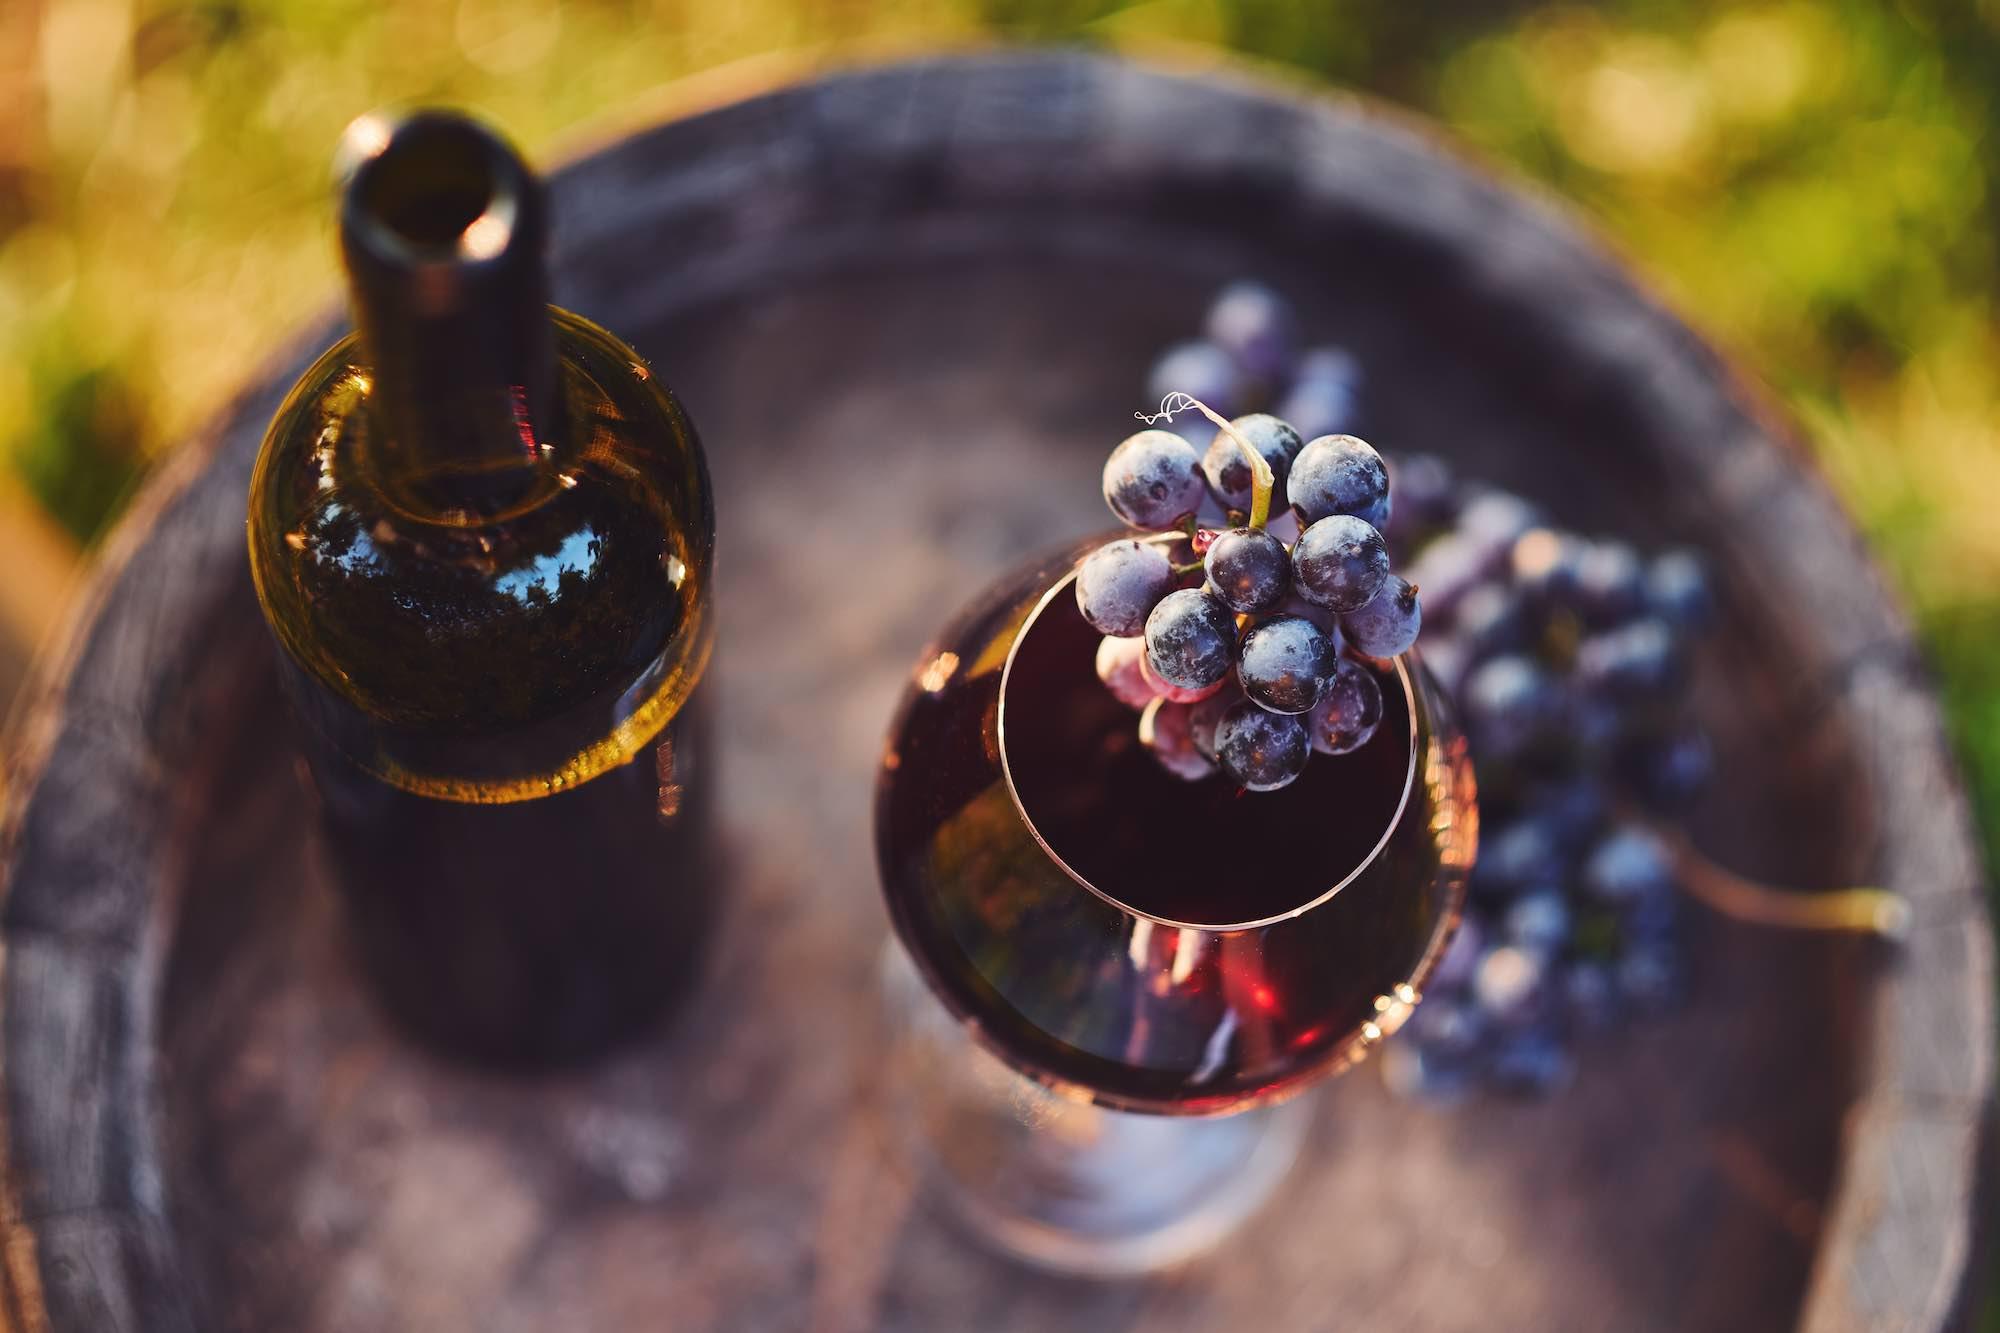 Eric Asimov, storico winemaker e giornalista del New York Times, ha scritto un elogio al Chianti Classico, il vino toscano per eccellenza.